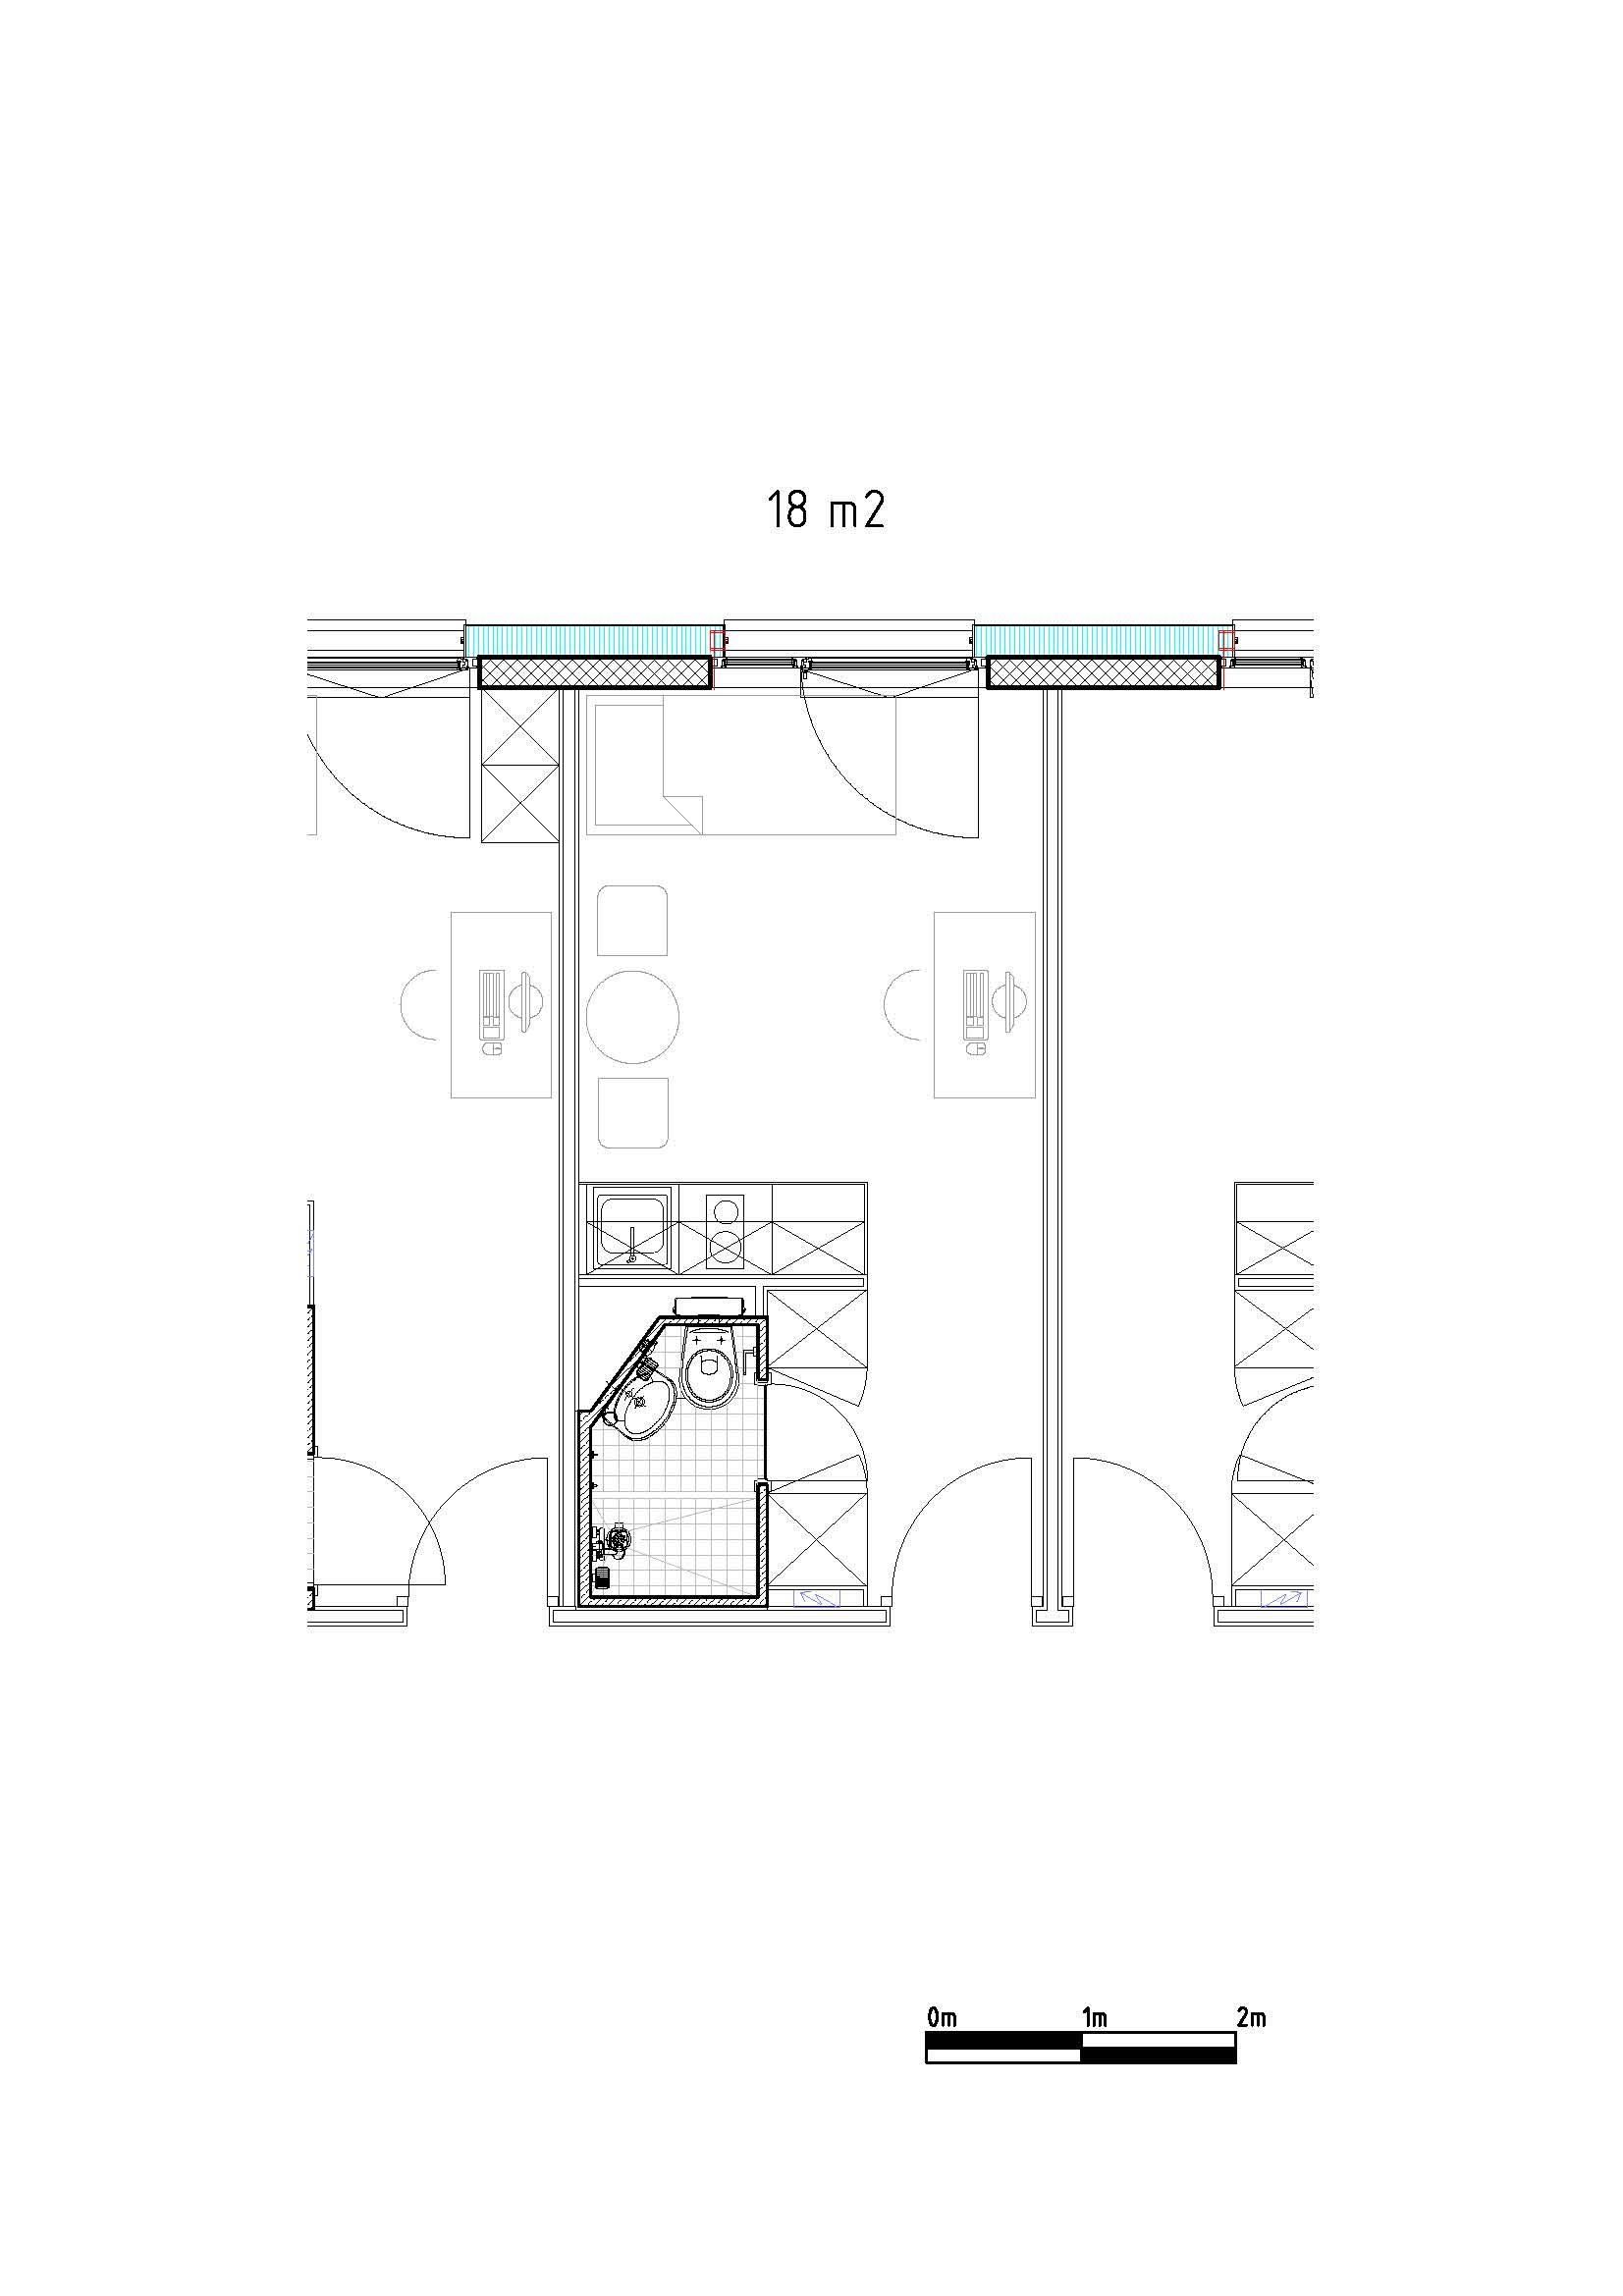 Haldimand plan studio 18m2